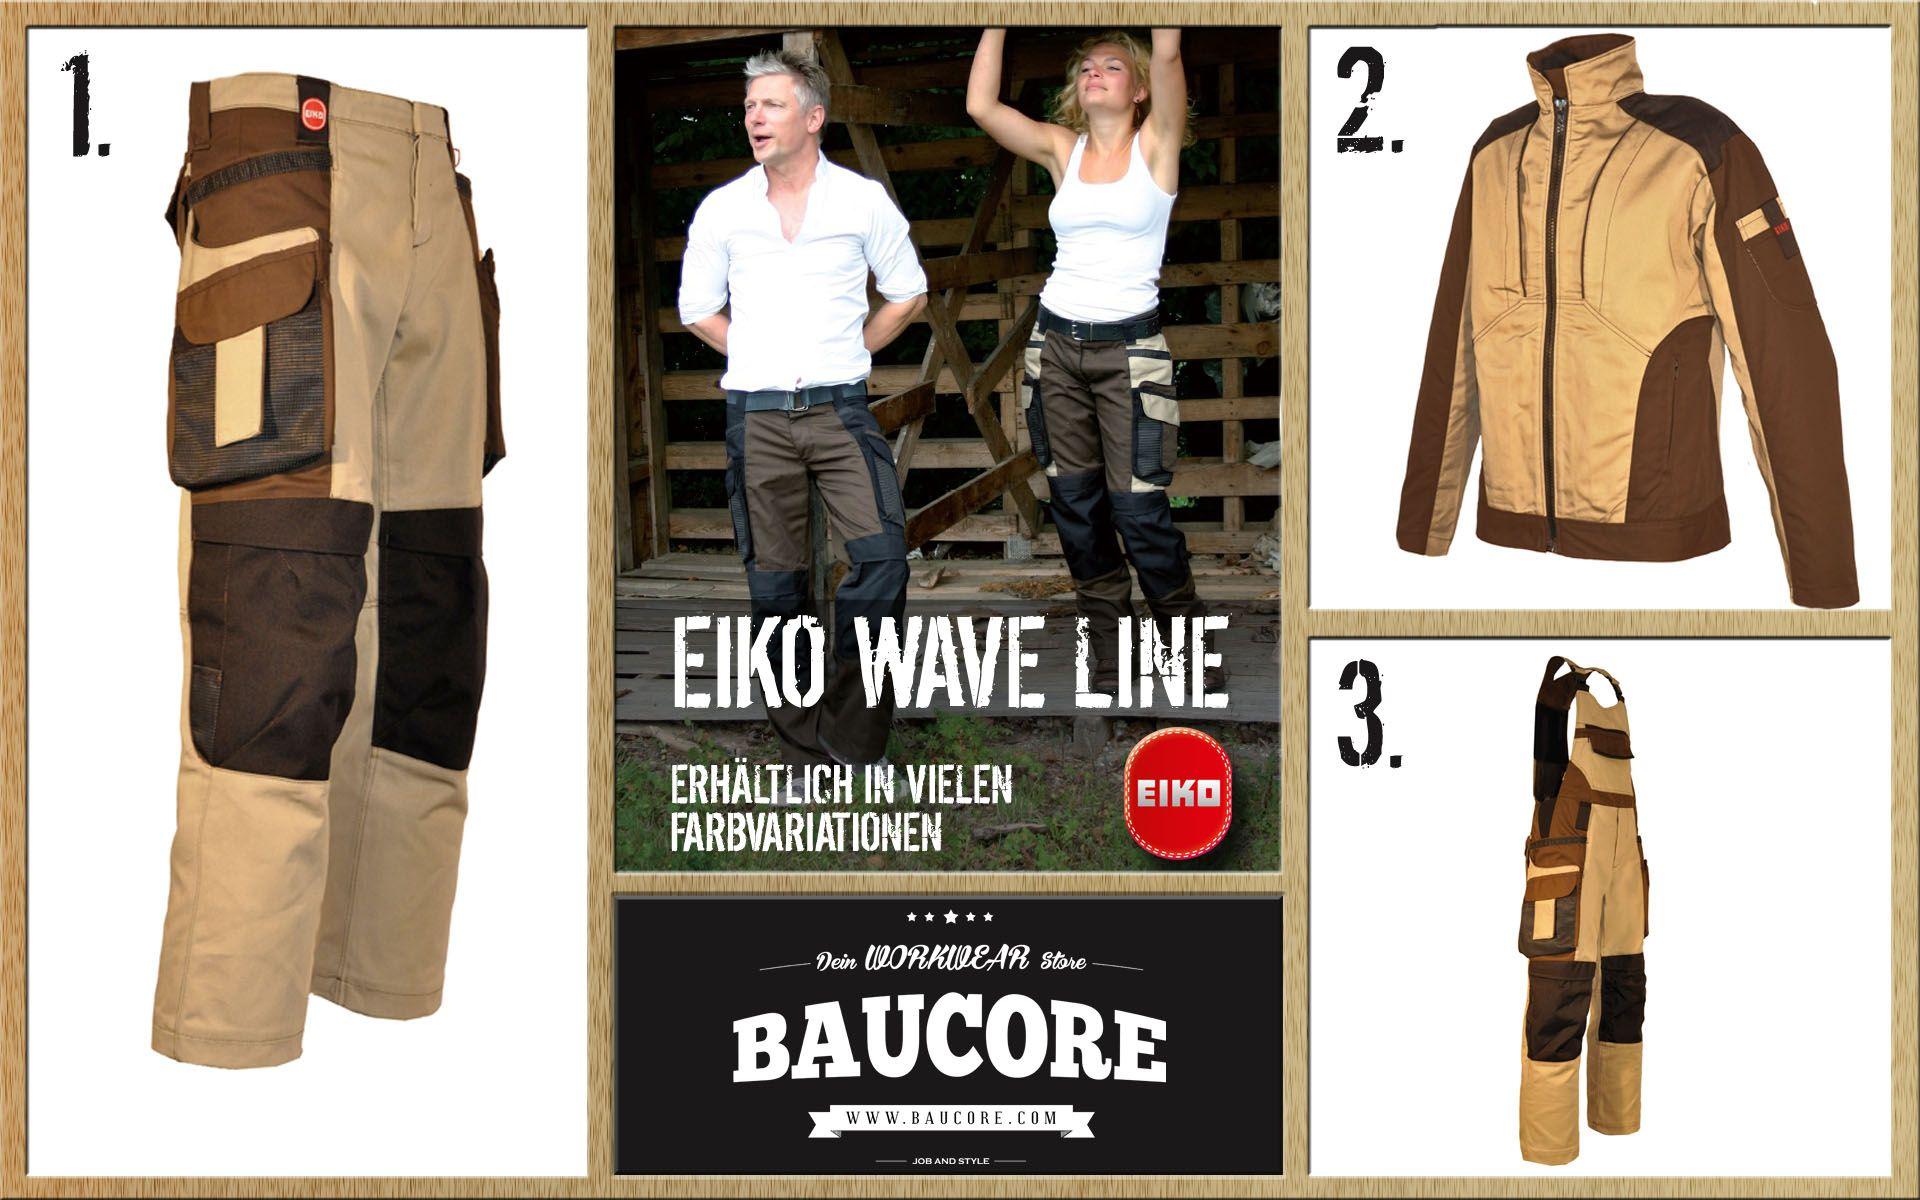 Die Eiko Wave Line, vereint ein cooles Design mit einem funktionellem Aufbau. Die Wave Bundhosen und Wave Blouson verleihen eine schlanke Linie und sind leicht und angenehm zu tragen. Überzeugen Sie sich selbst von der tollen Qualität der Eiko Wave. Erhältlich im Workwear Store: Baucore.com http://www.baucore.com/berufsgruppen/schreiner-tischler/eiko-wave-superbag-herren/a-945/